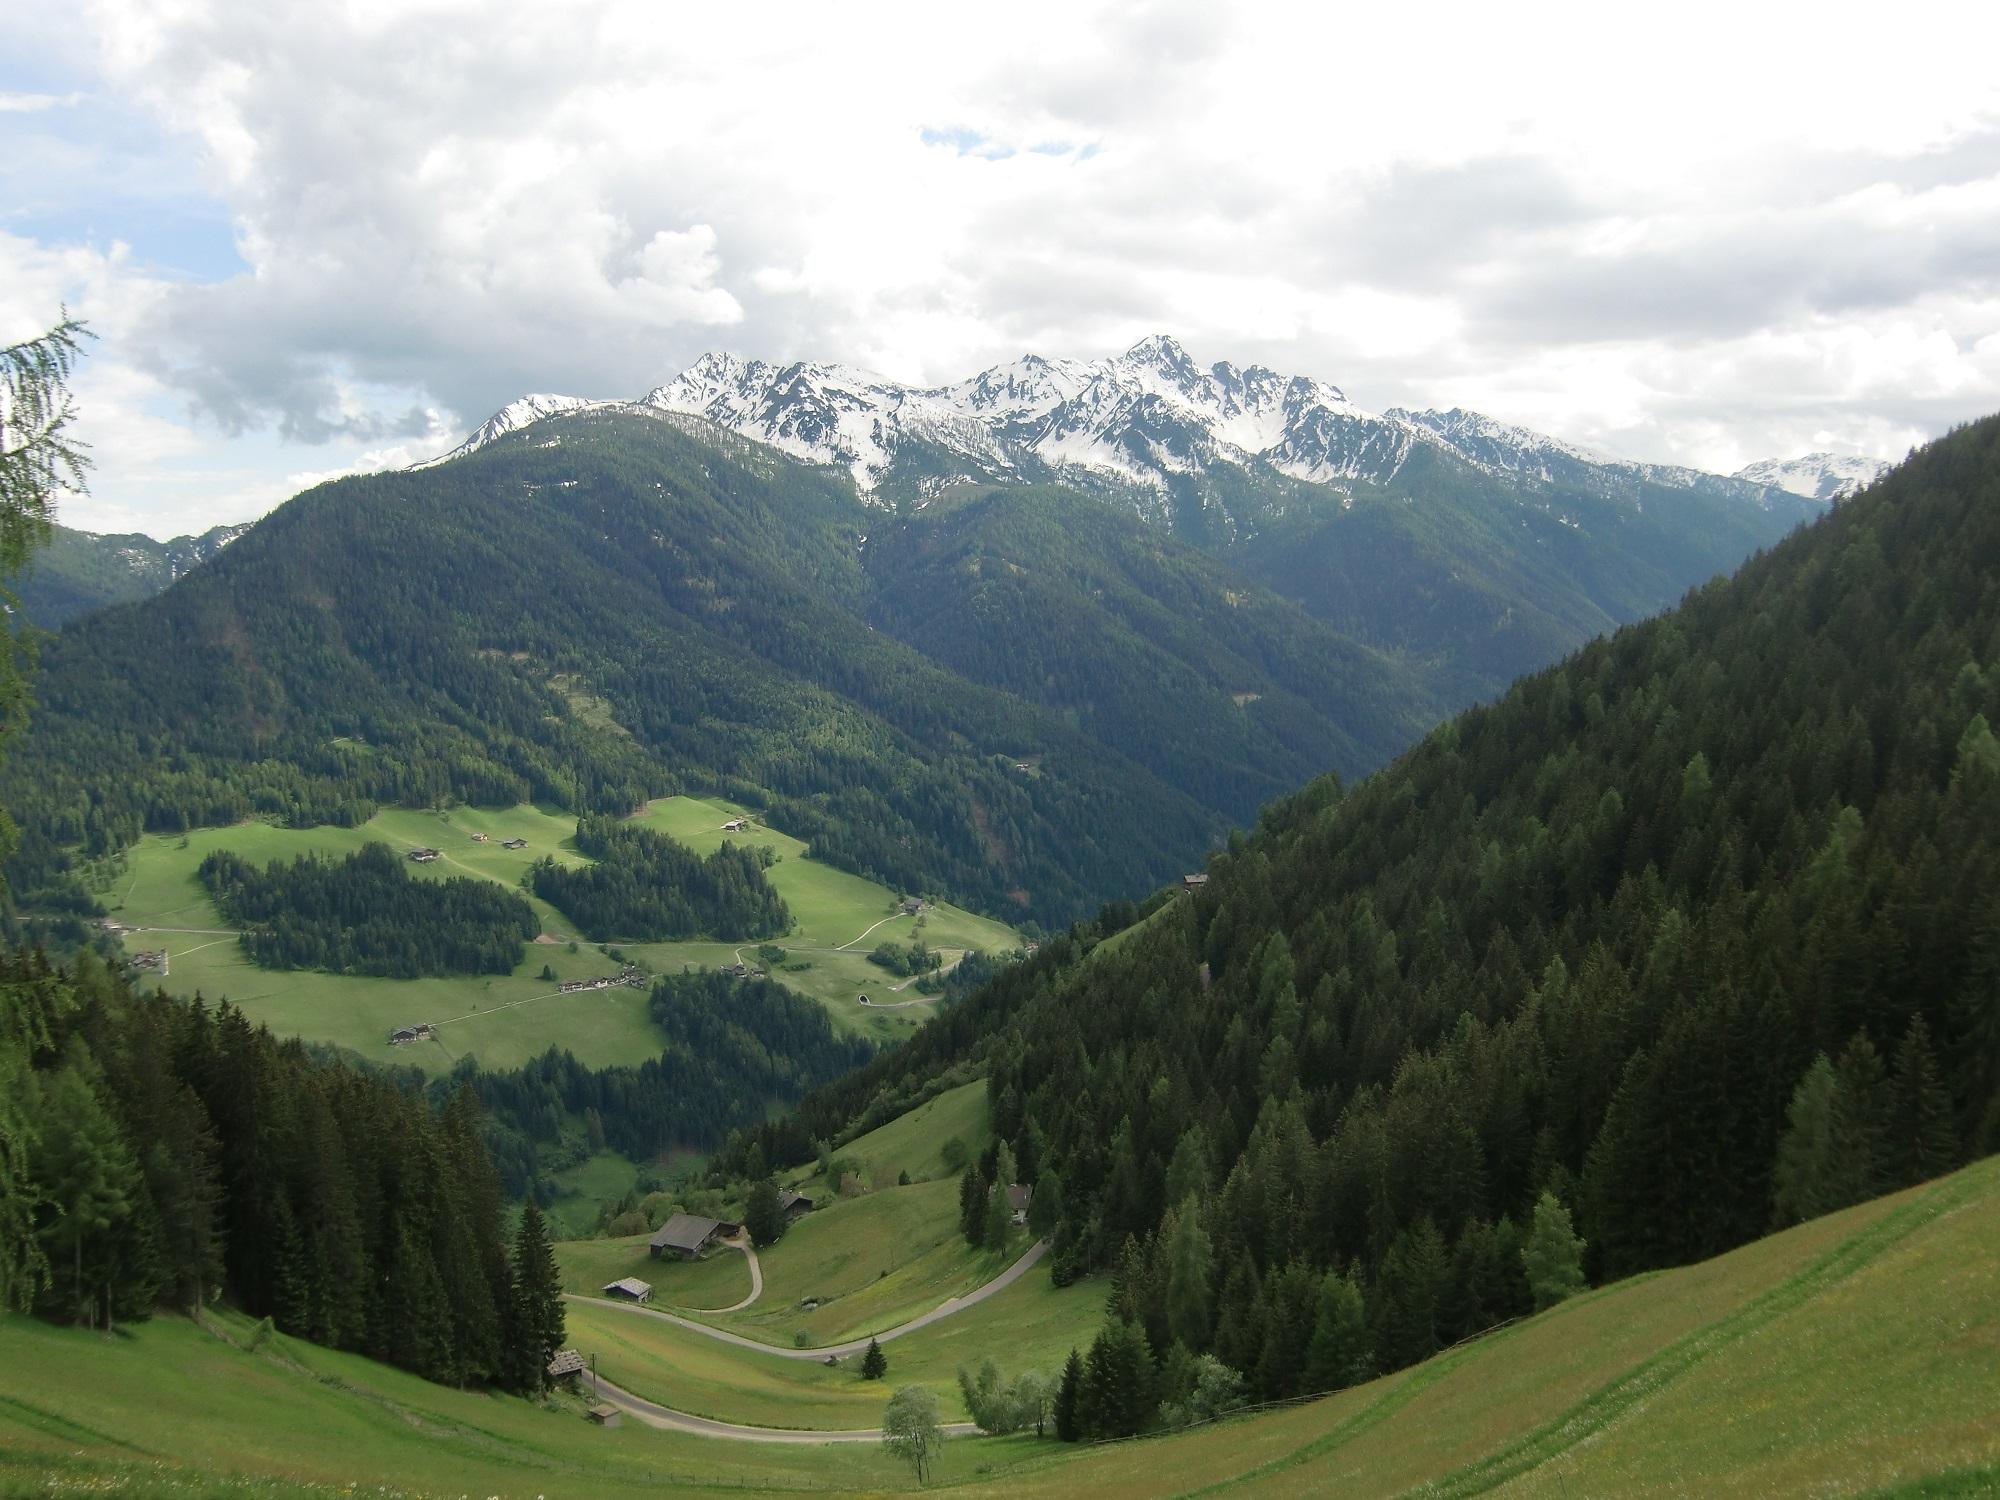 Blick vom Berg runter